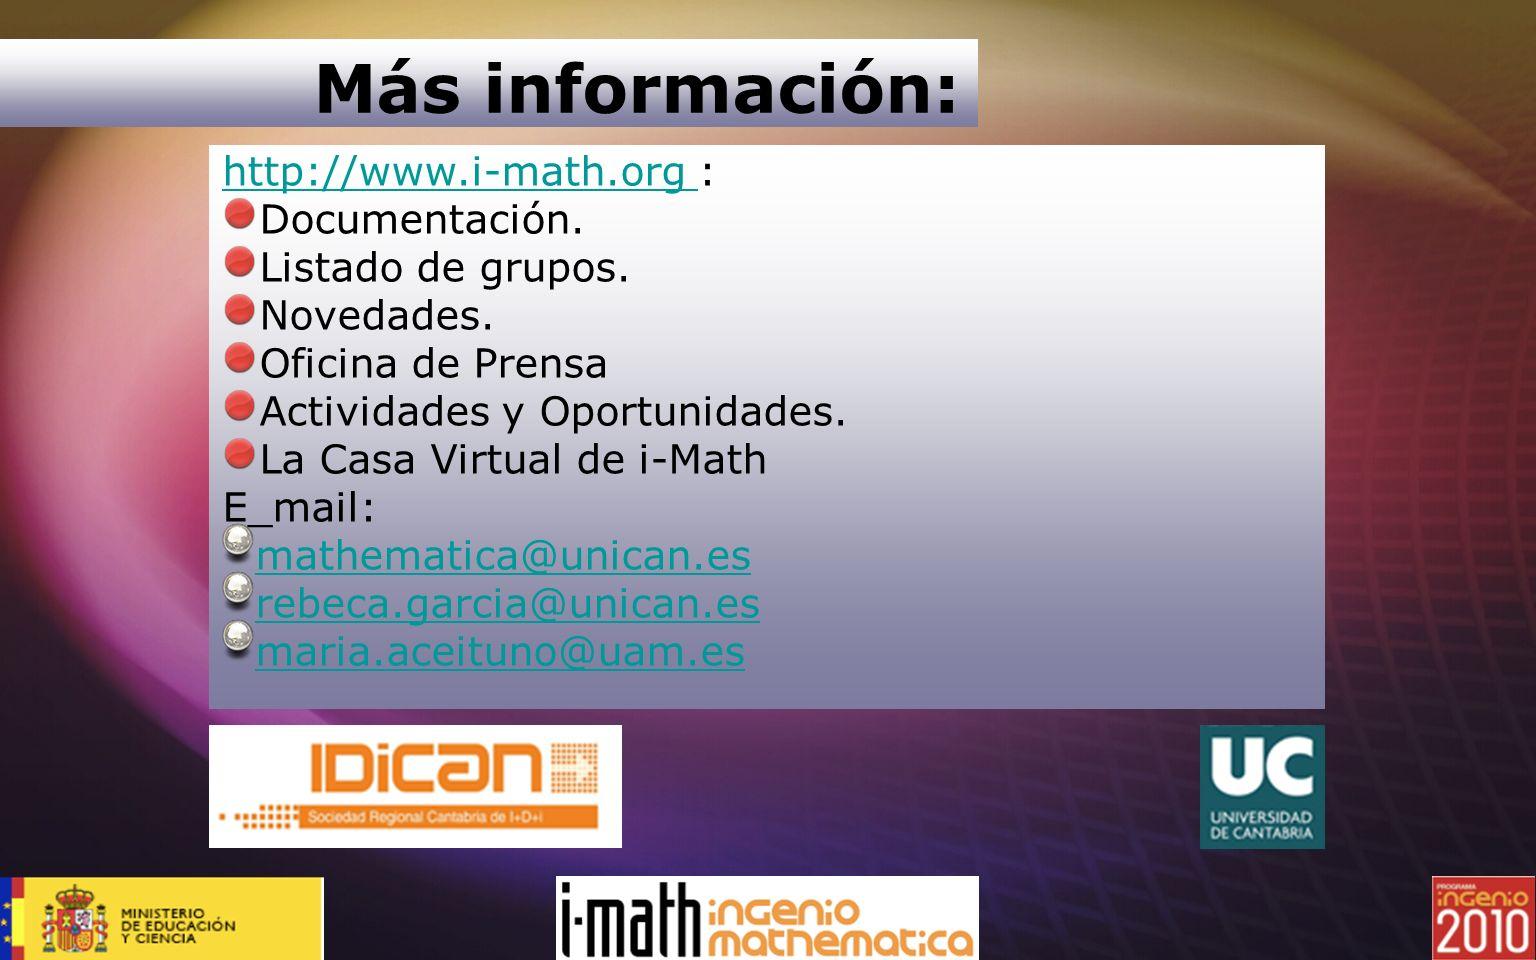 Más información: http://www.i-math.org : Documentación.